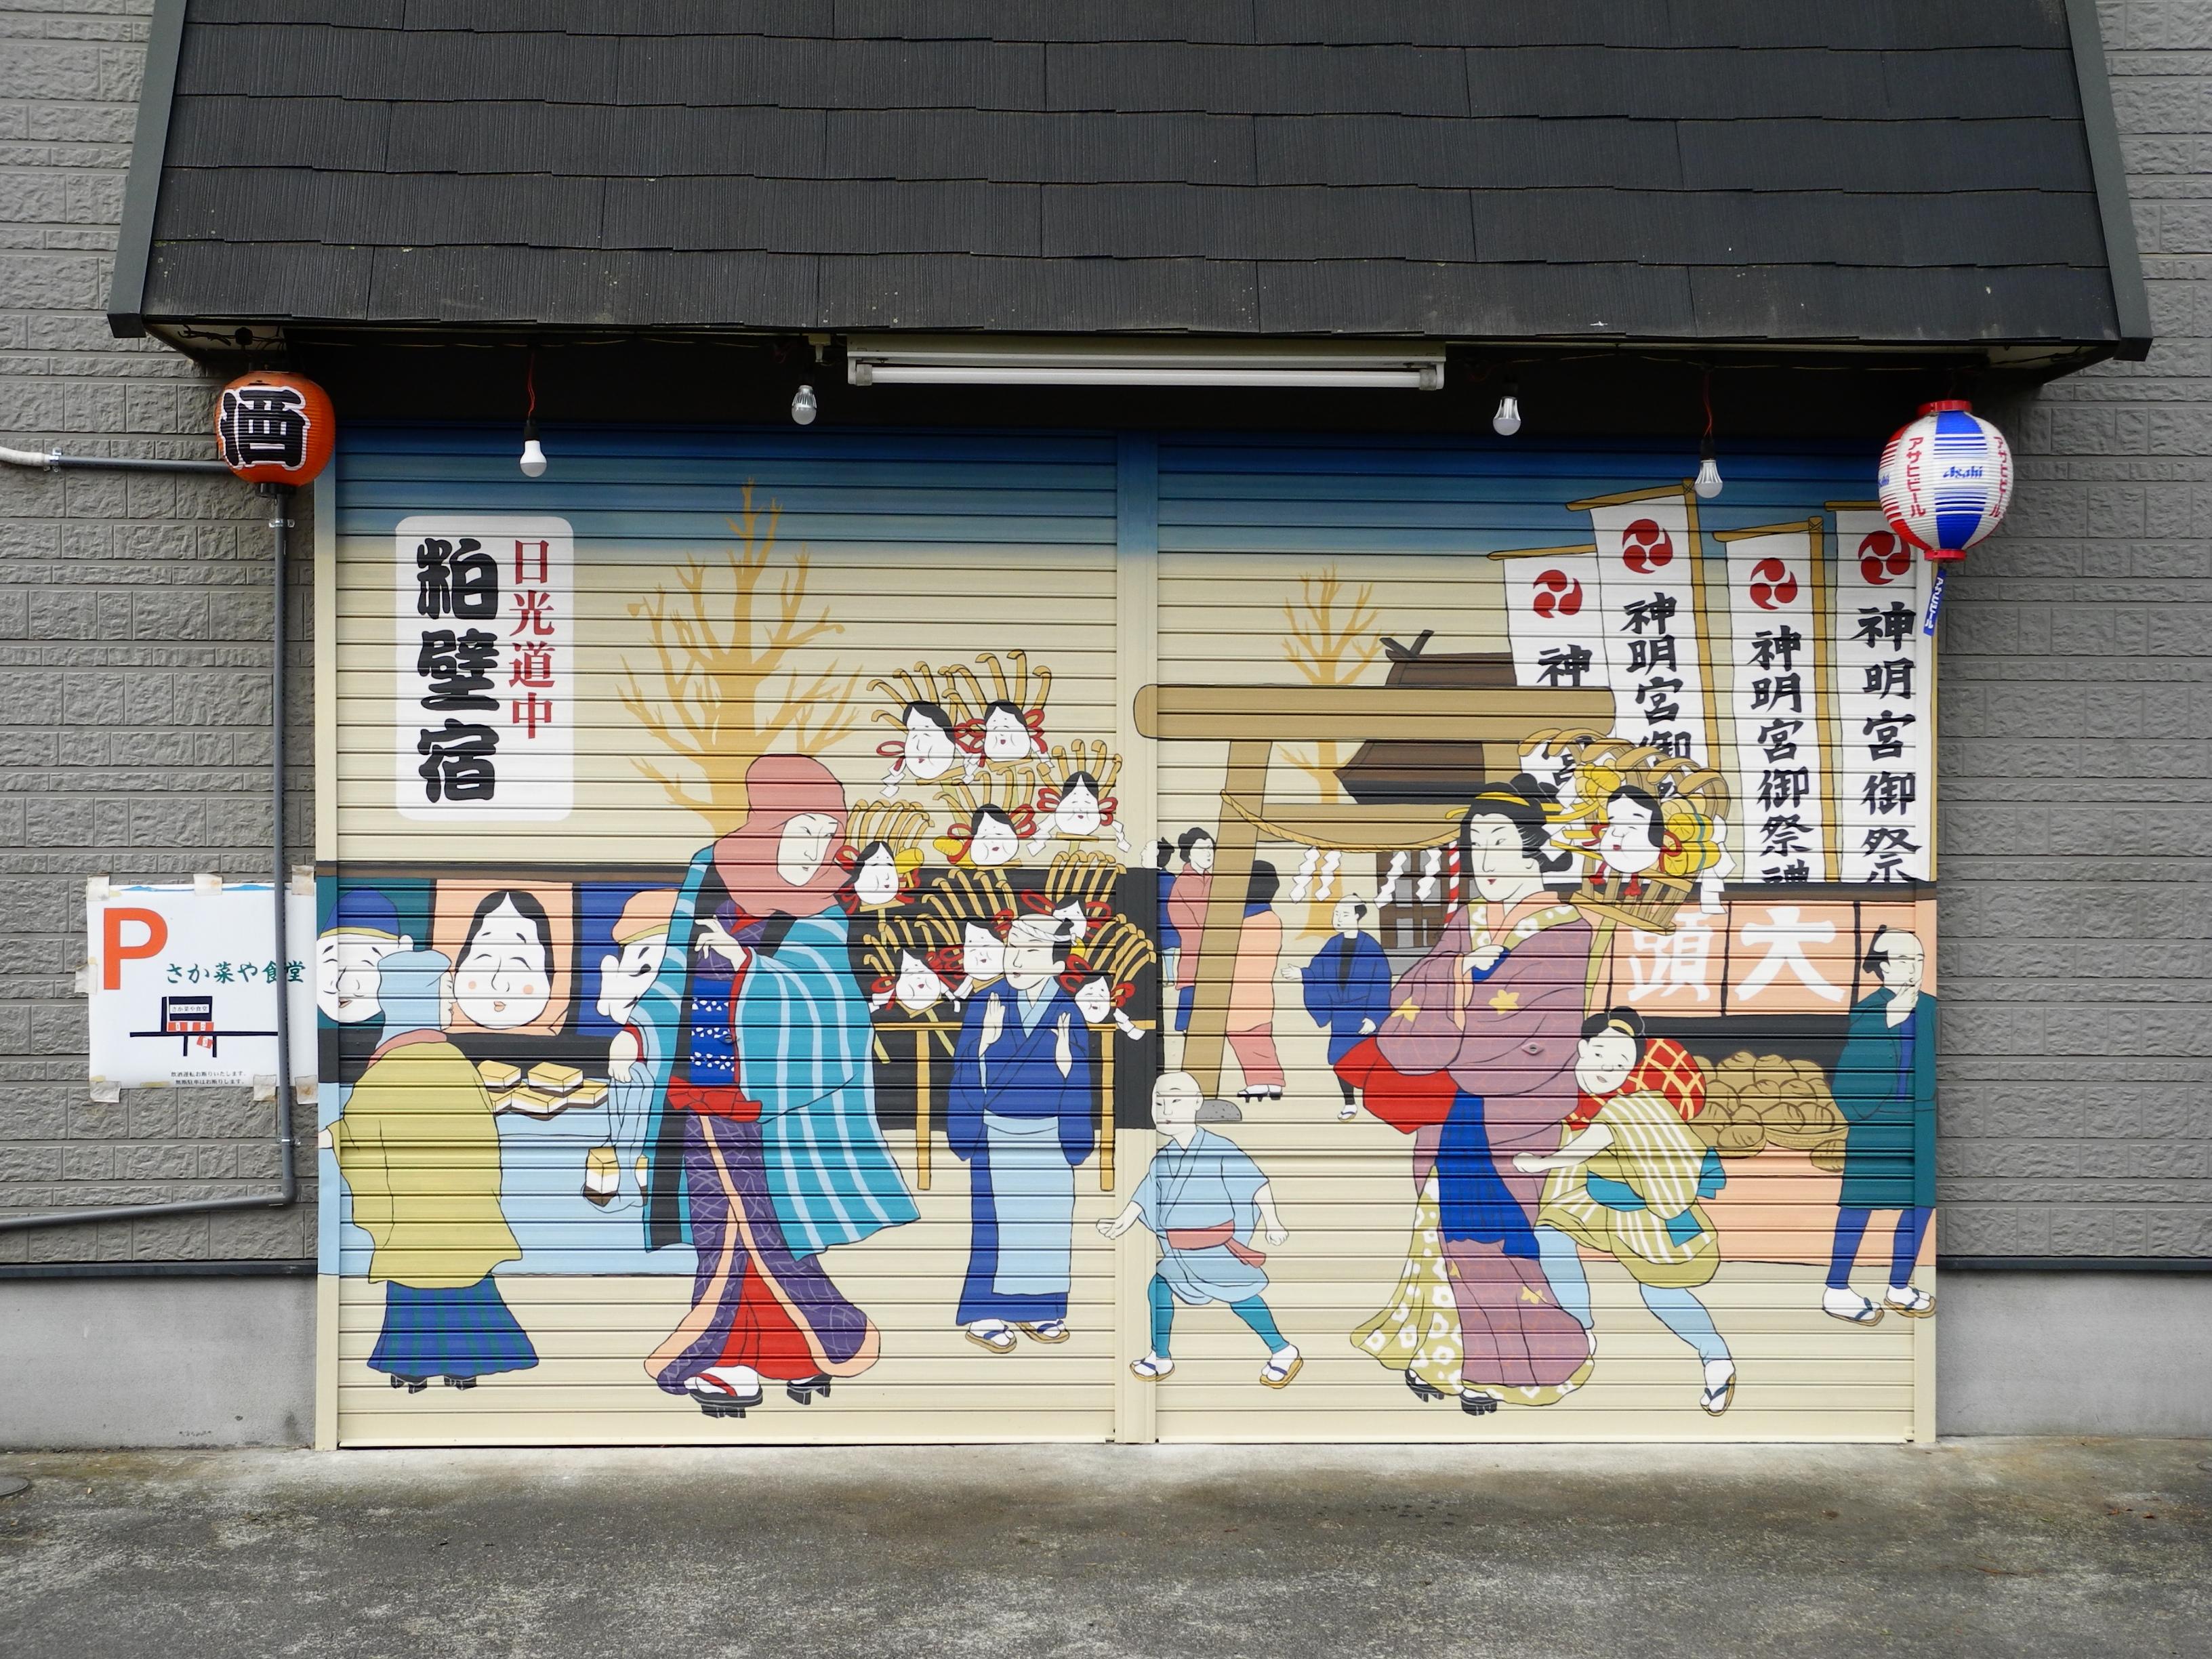 粕壁宿シャッターアート「酉の市」